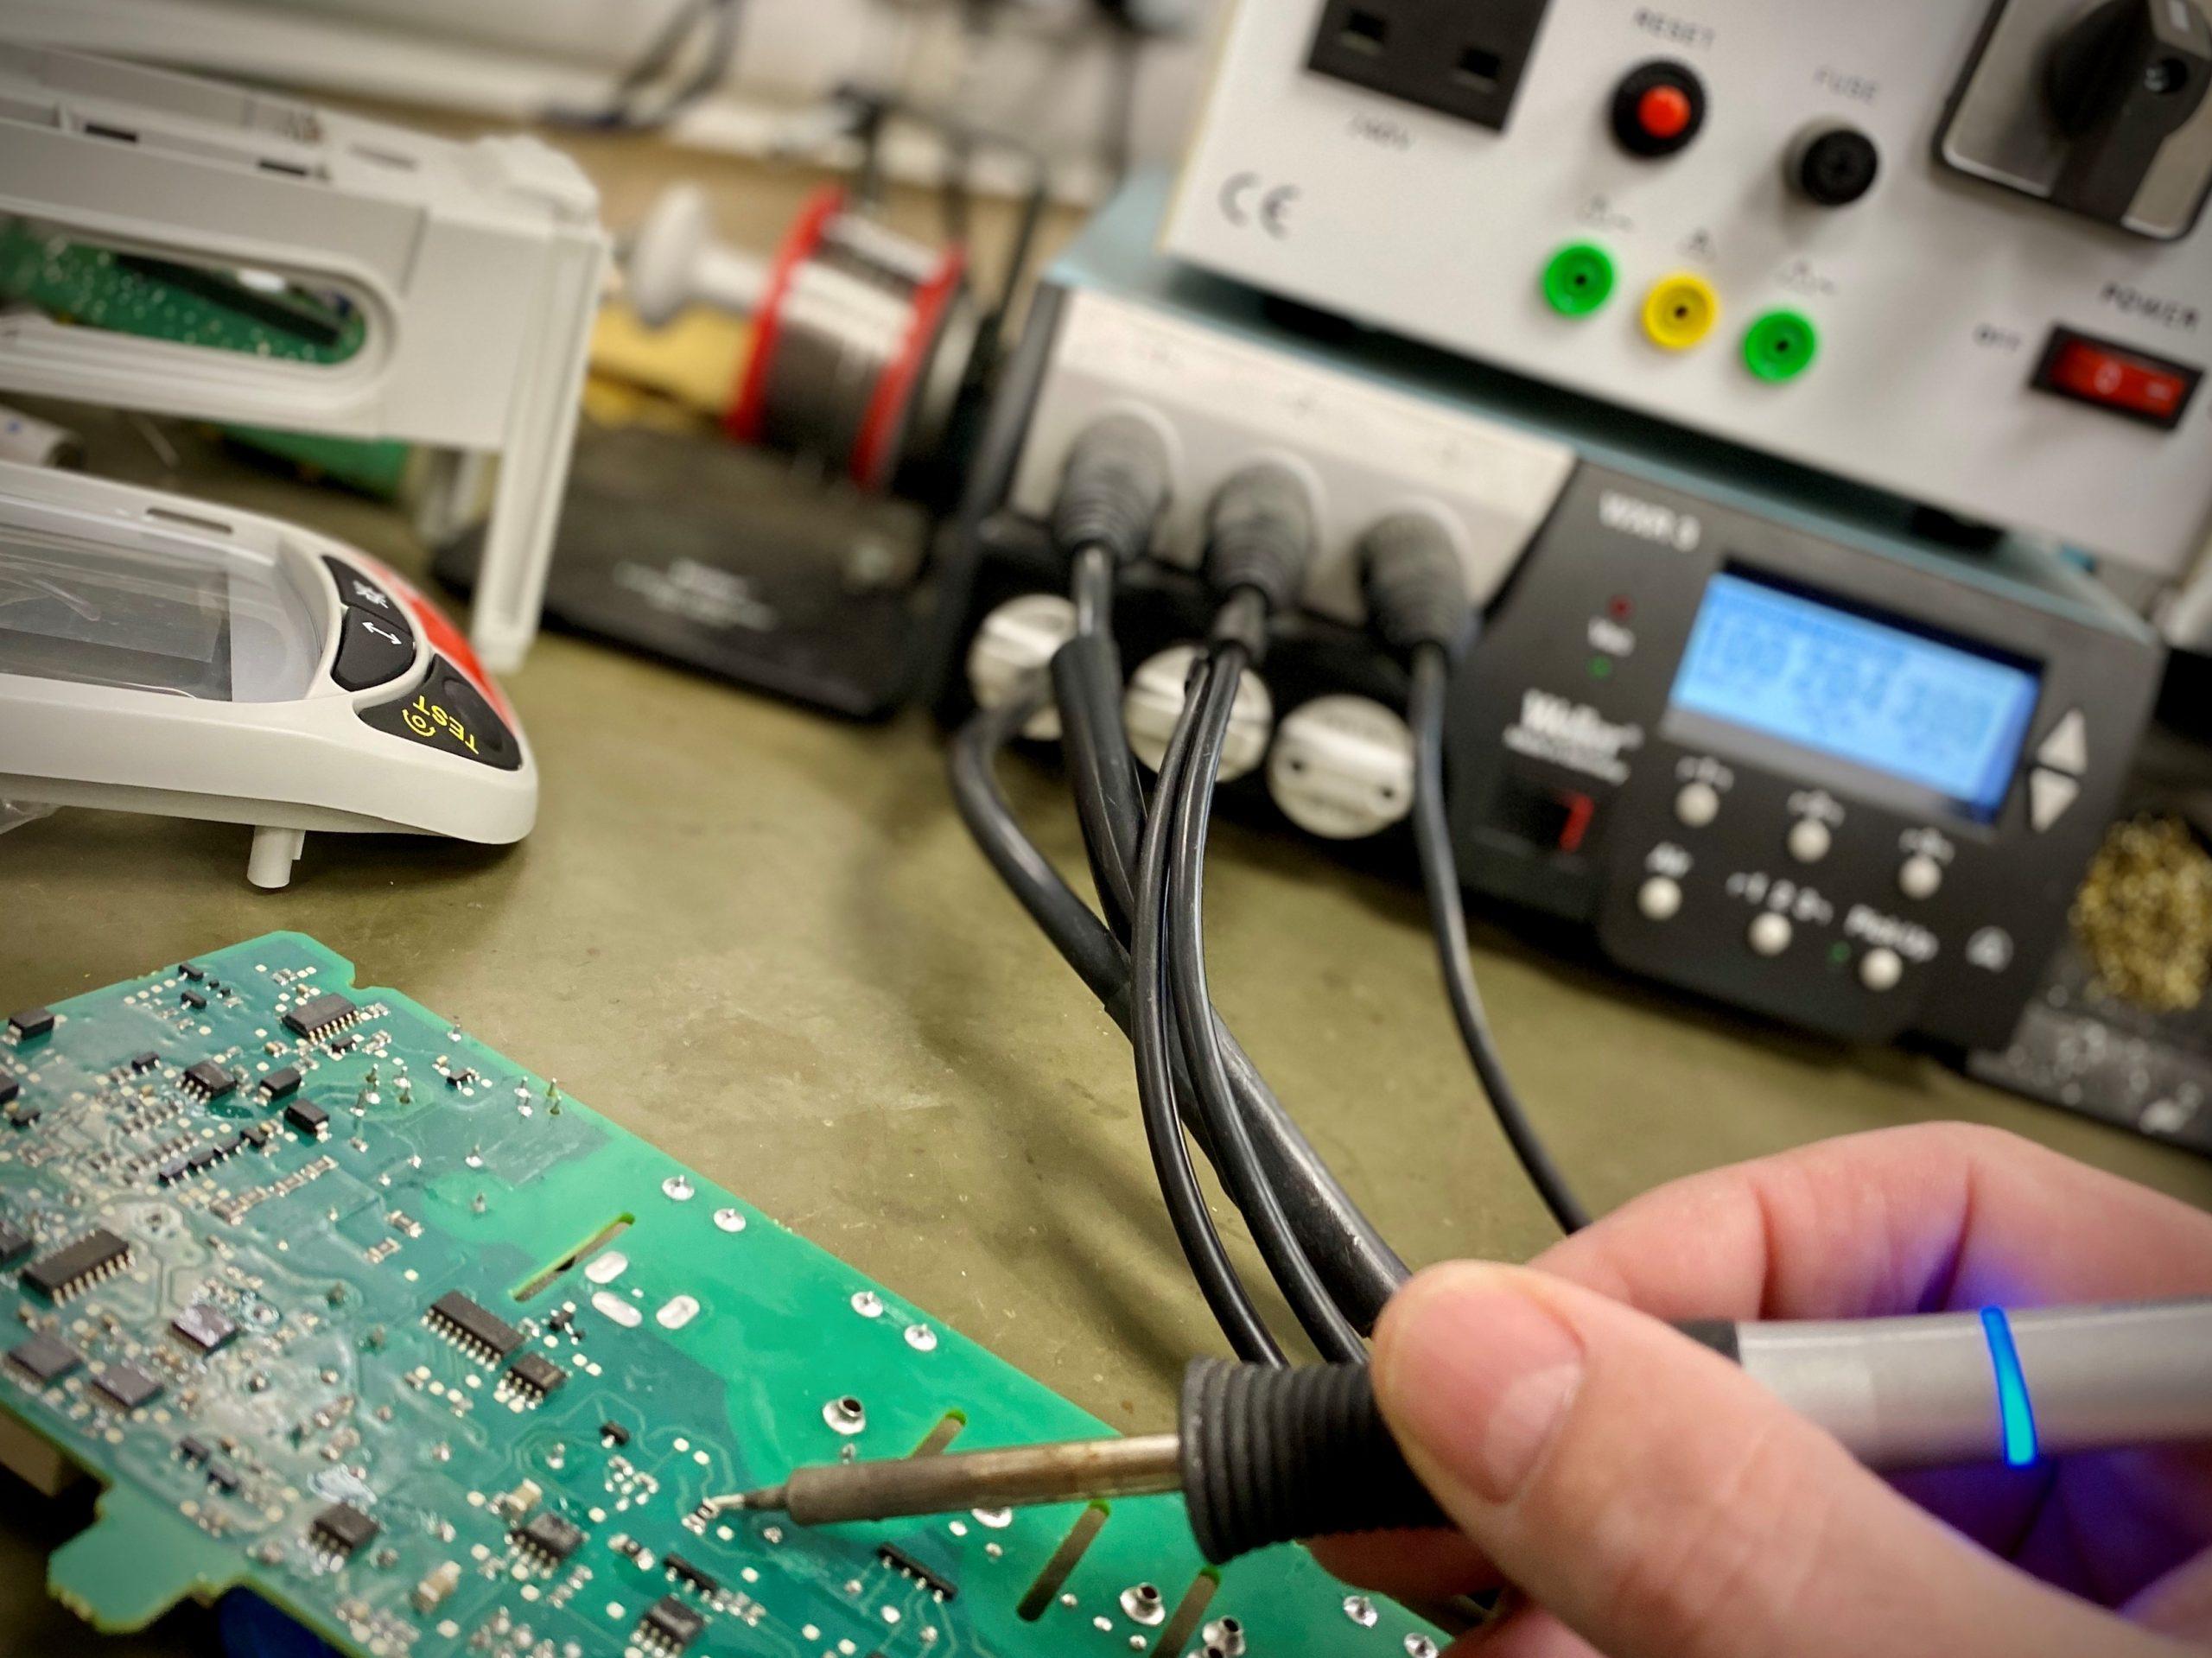 megger MFT1720 repair